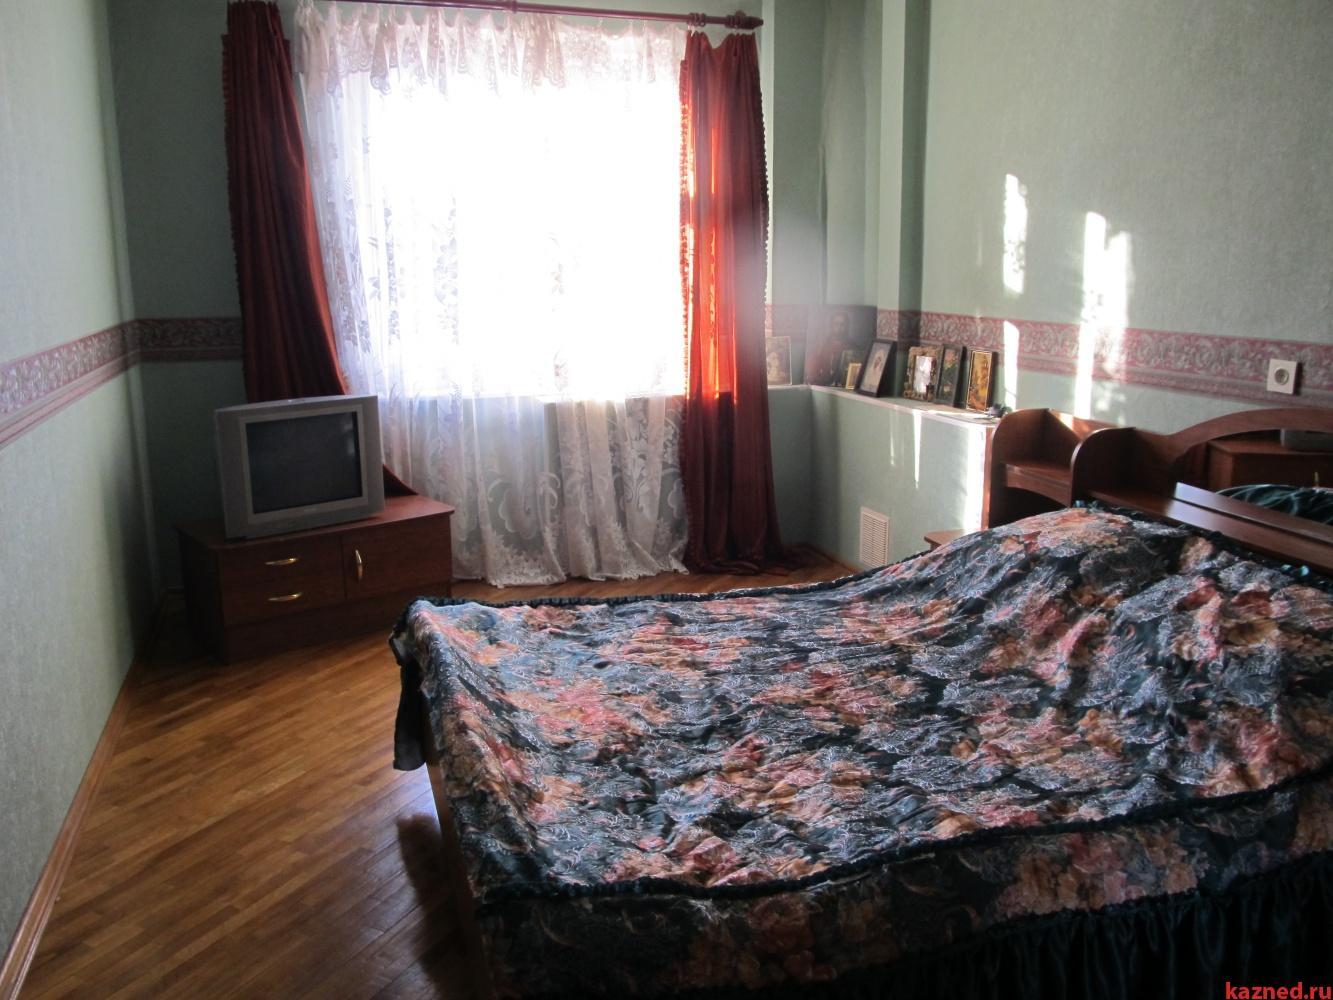 Продажа 3-к квартиры Амирхана, 5, 93 м² (миниатюра №14)